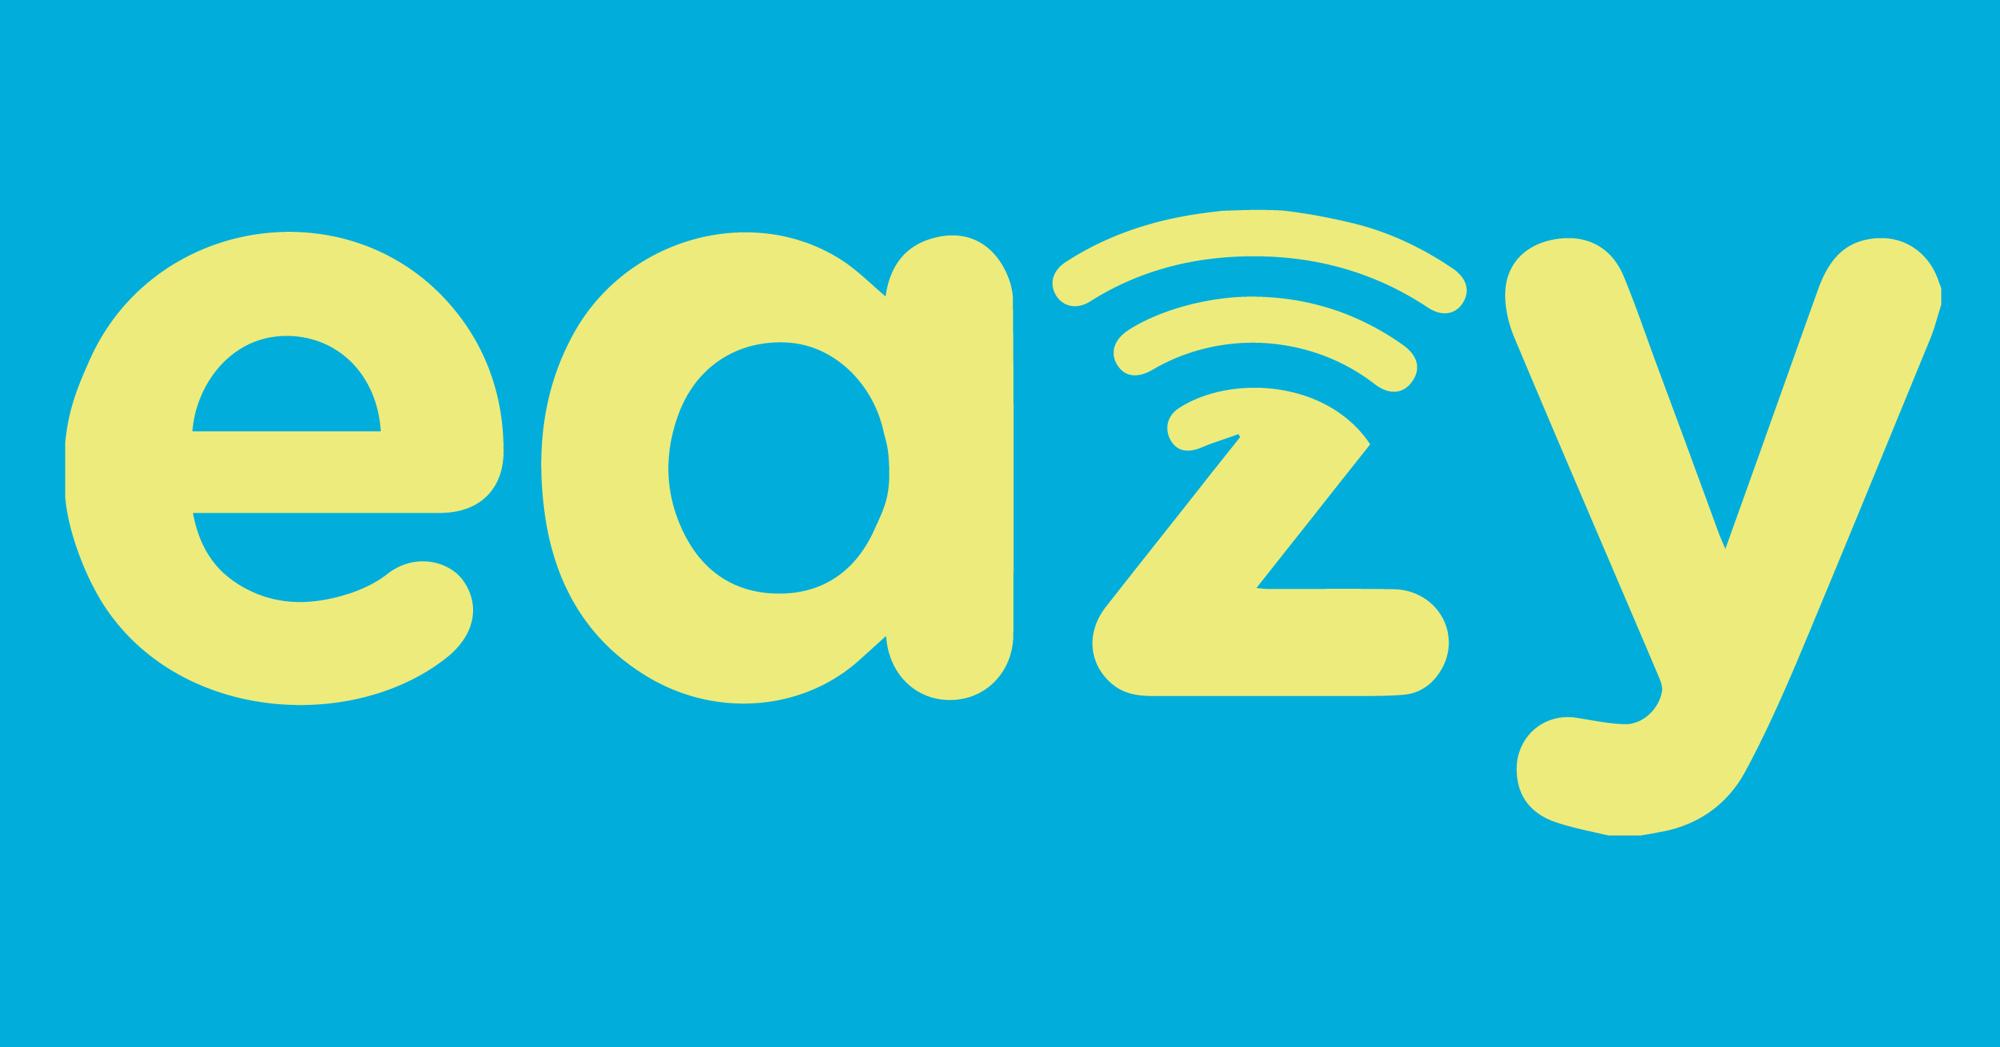 eazy 20 oder 50 Mbit/s Internet: 327,75 €  od. 447,75 € für 24 Monate, bis zu 20/50 Mbit/s + Connect Box kostenlos + 20 € amazon Gutschein